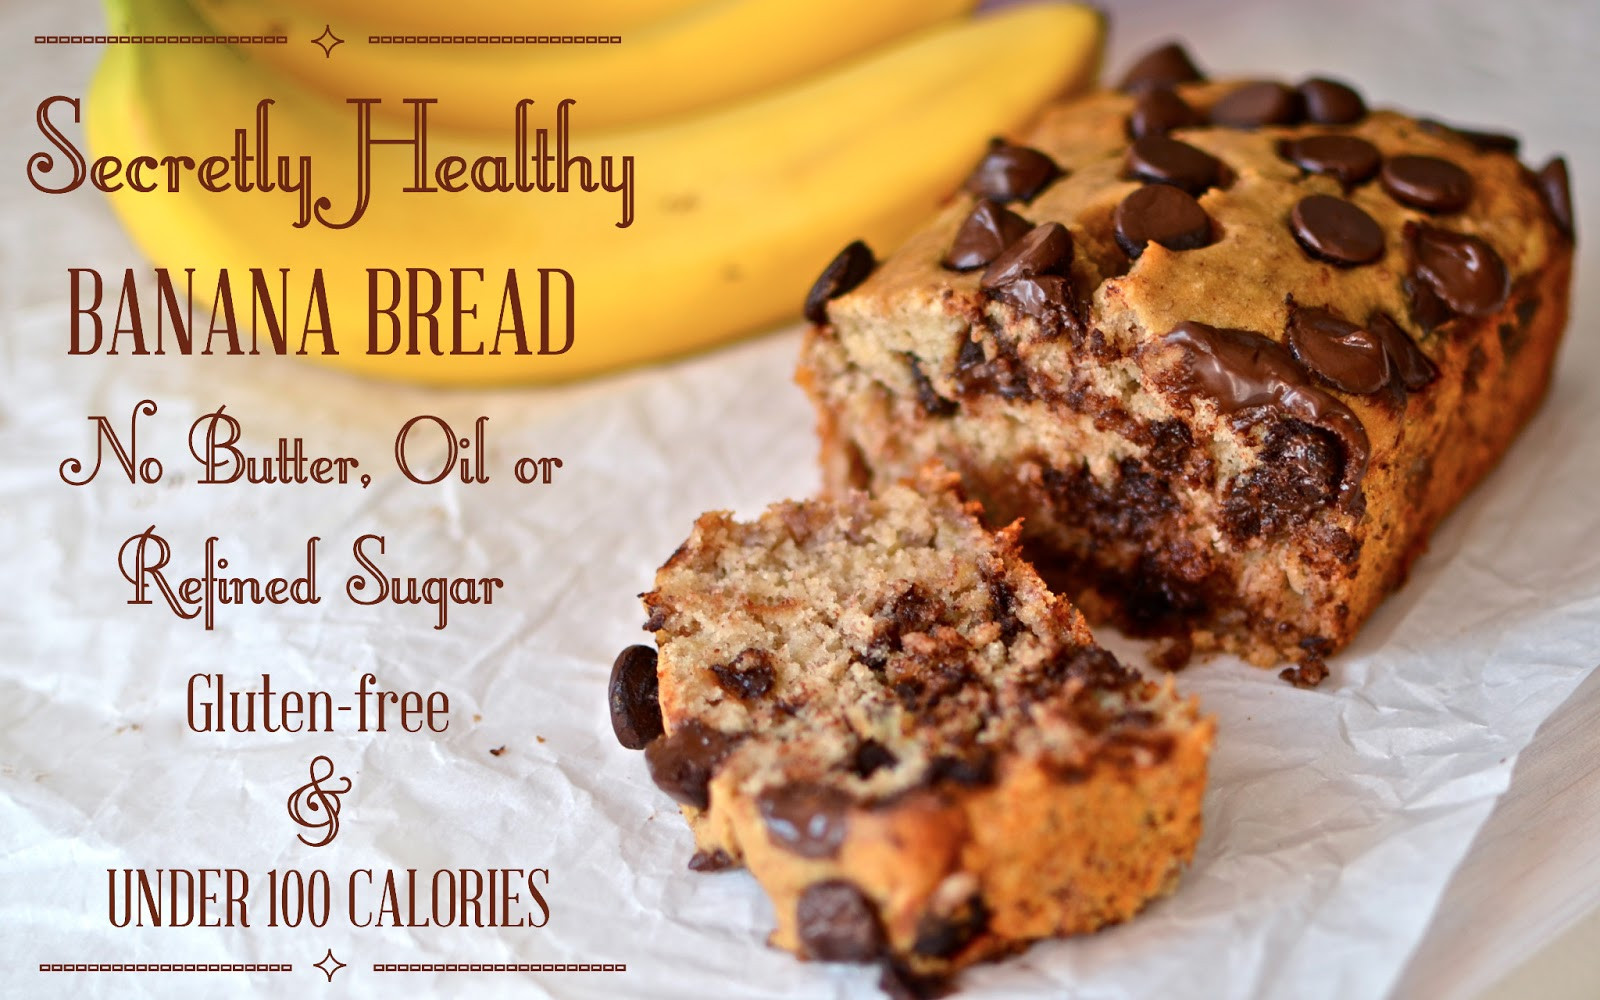 Healthy Banana Recipes  Yammie s Noshery Secretly Healthy Banana Bread Plus Some